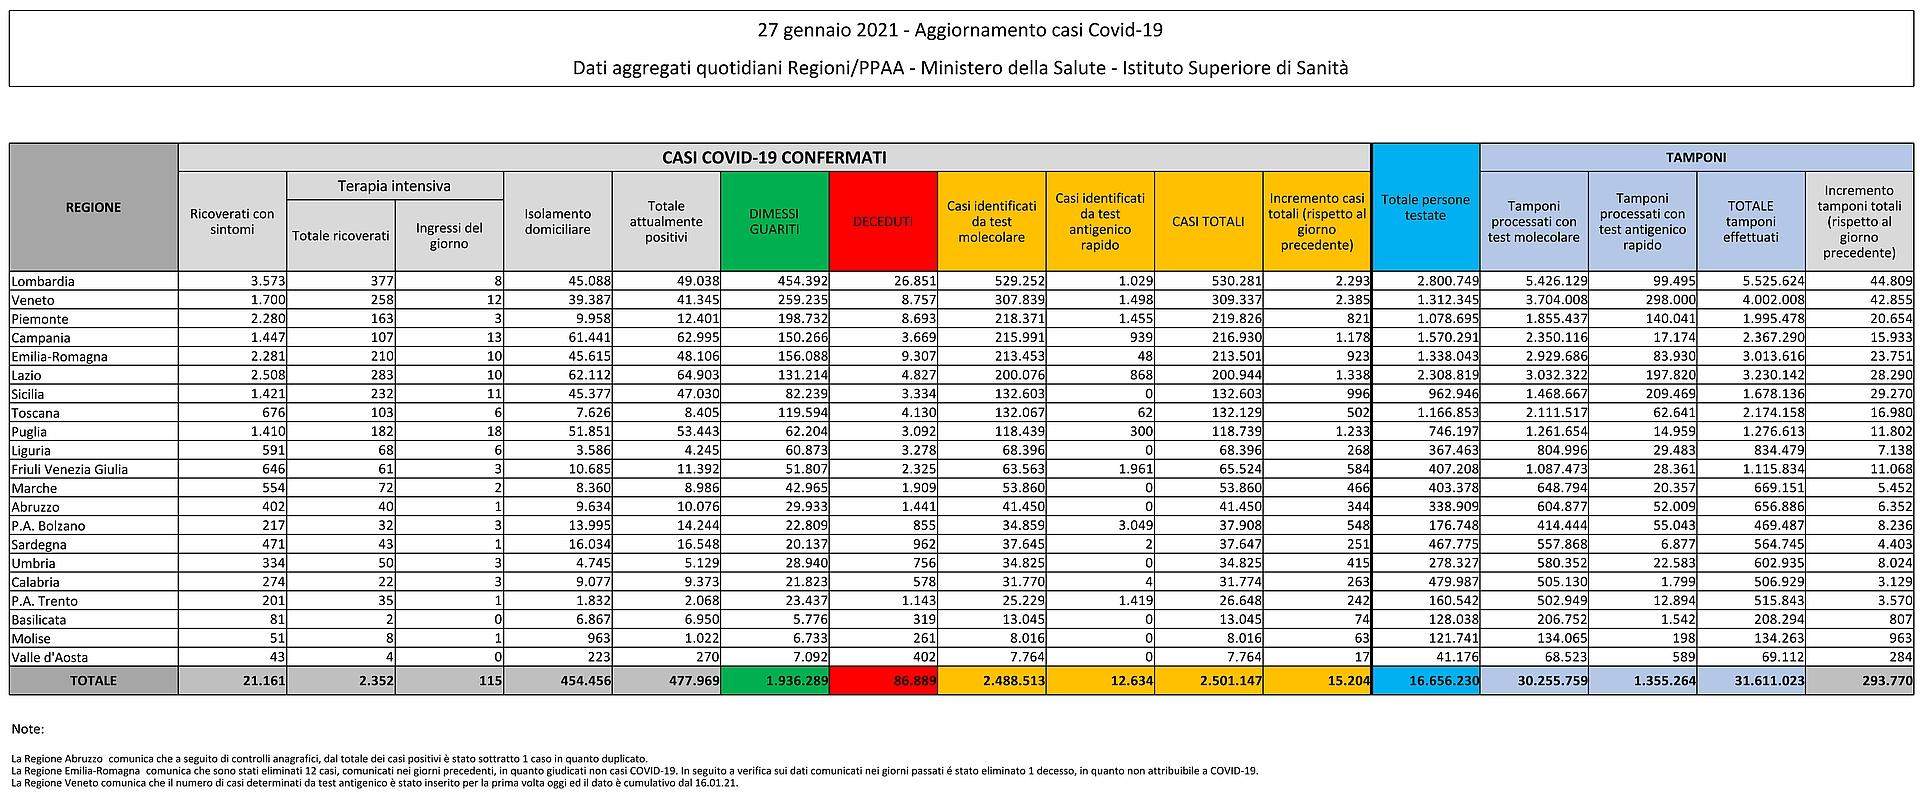 27 gennaio 2021 - Aggiornamento casi Covid-19 Dati aggregati quotidiani Regioni/PPAA - Ministero della Salute - Istituto Superiore di Sanità